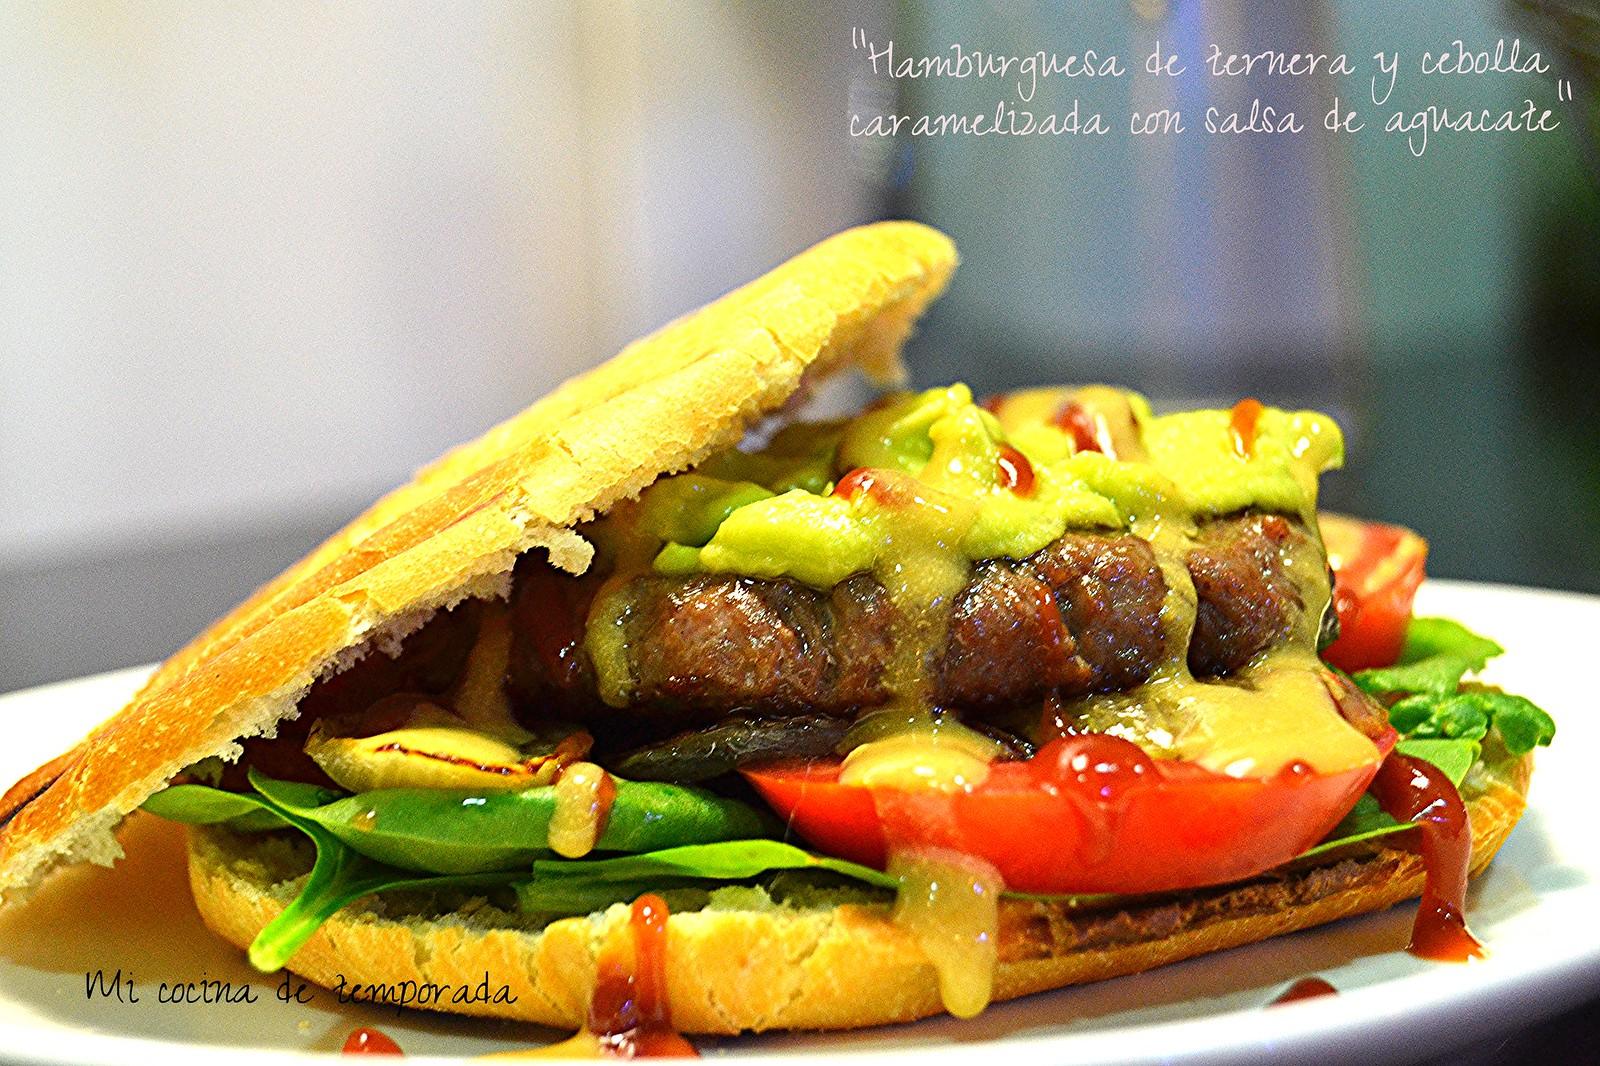 hamburguesa 006